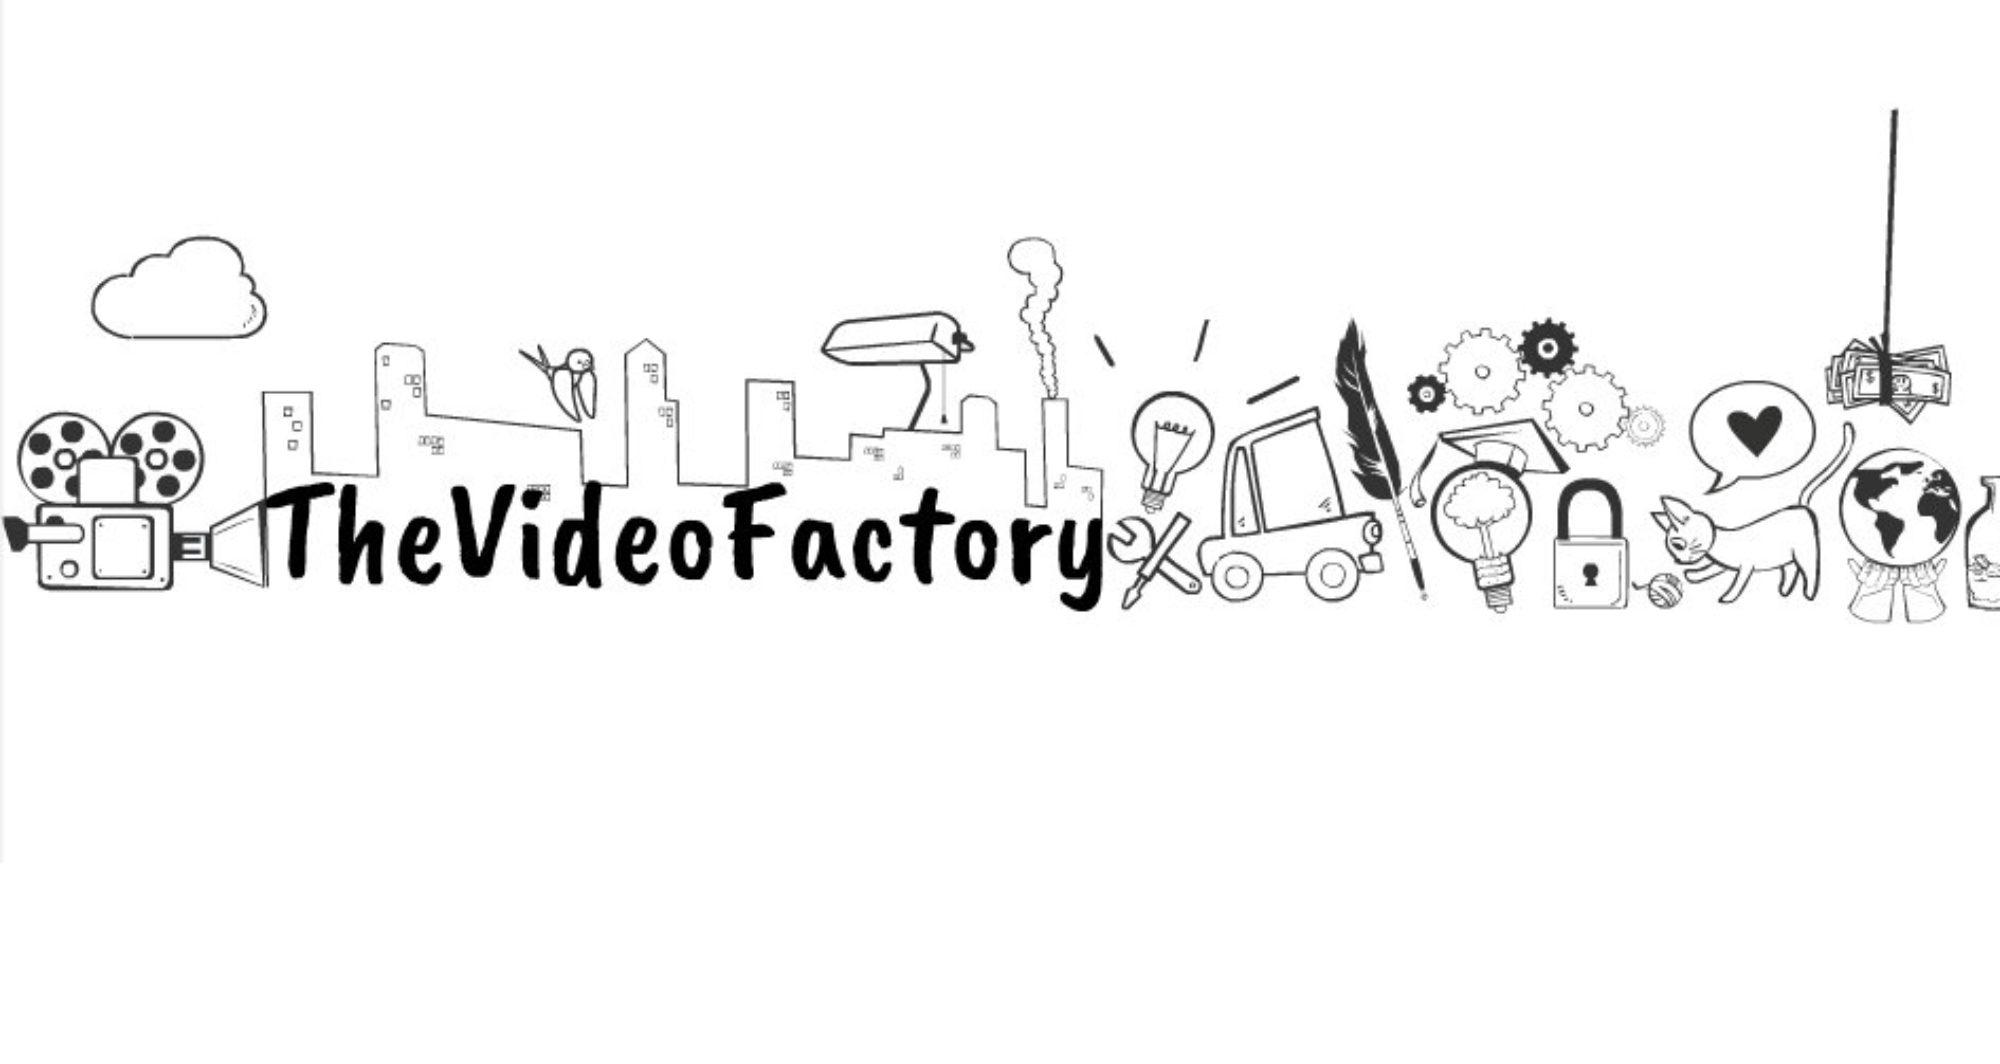 TheVideoFactory